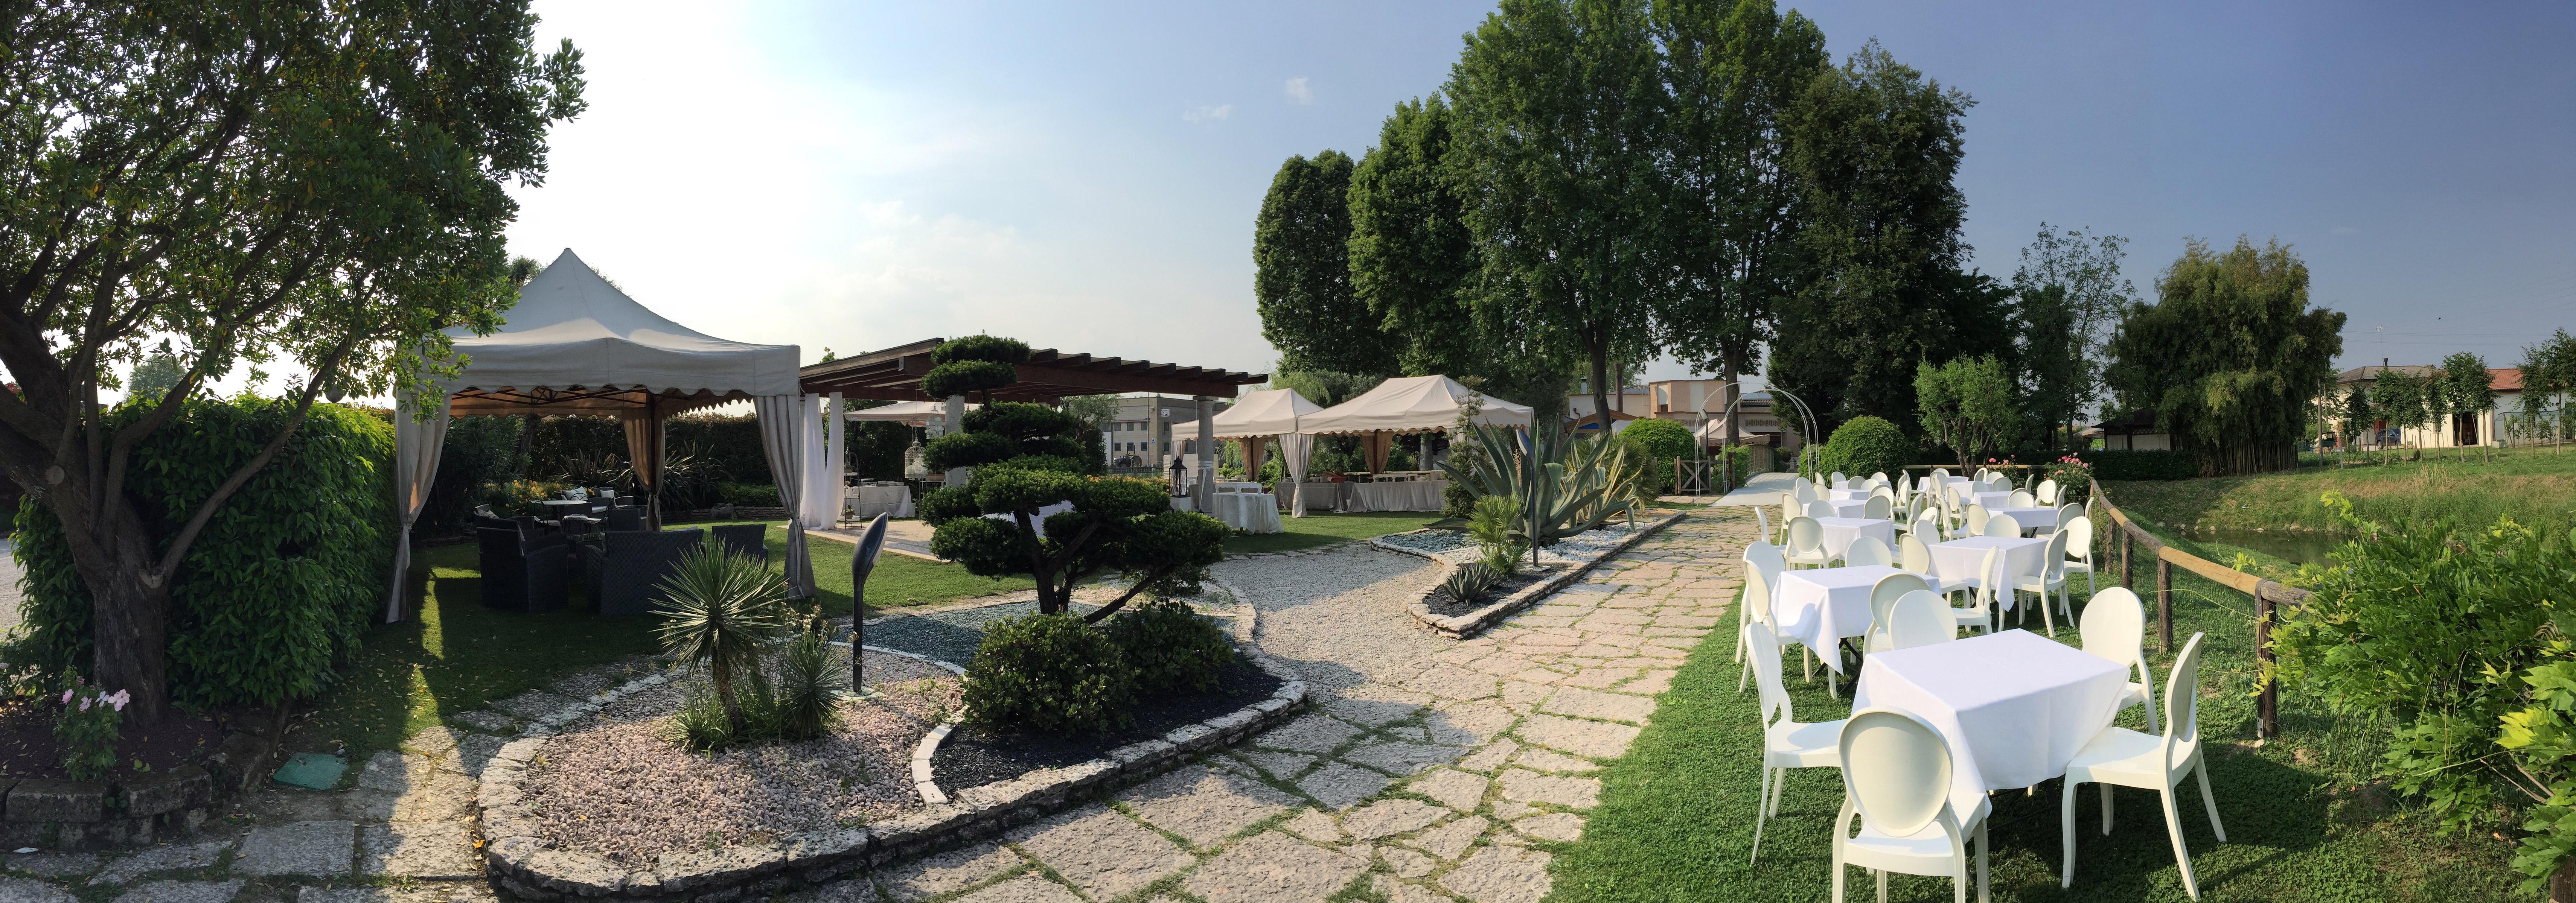 ristorante per matrimoni e cerimonie con piscina